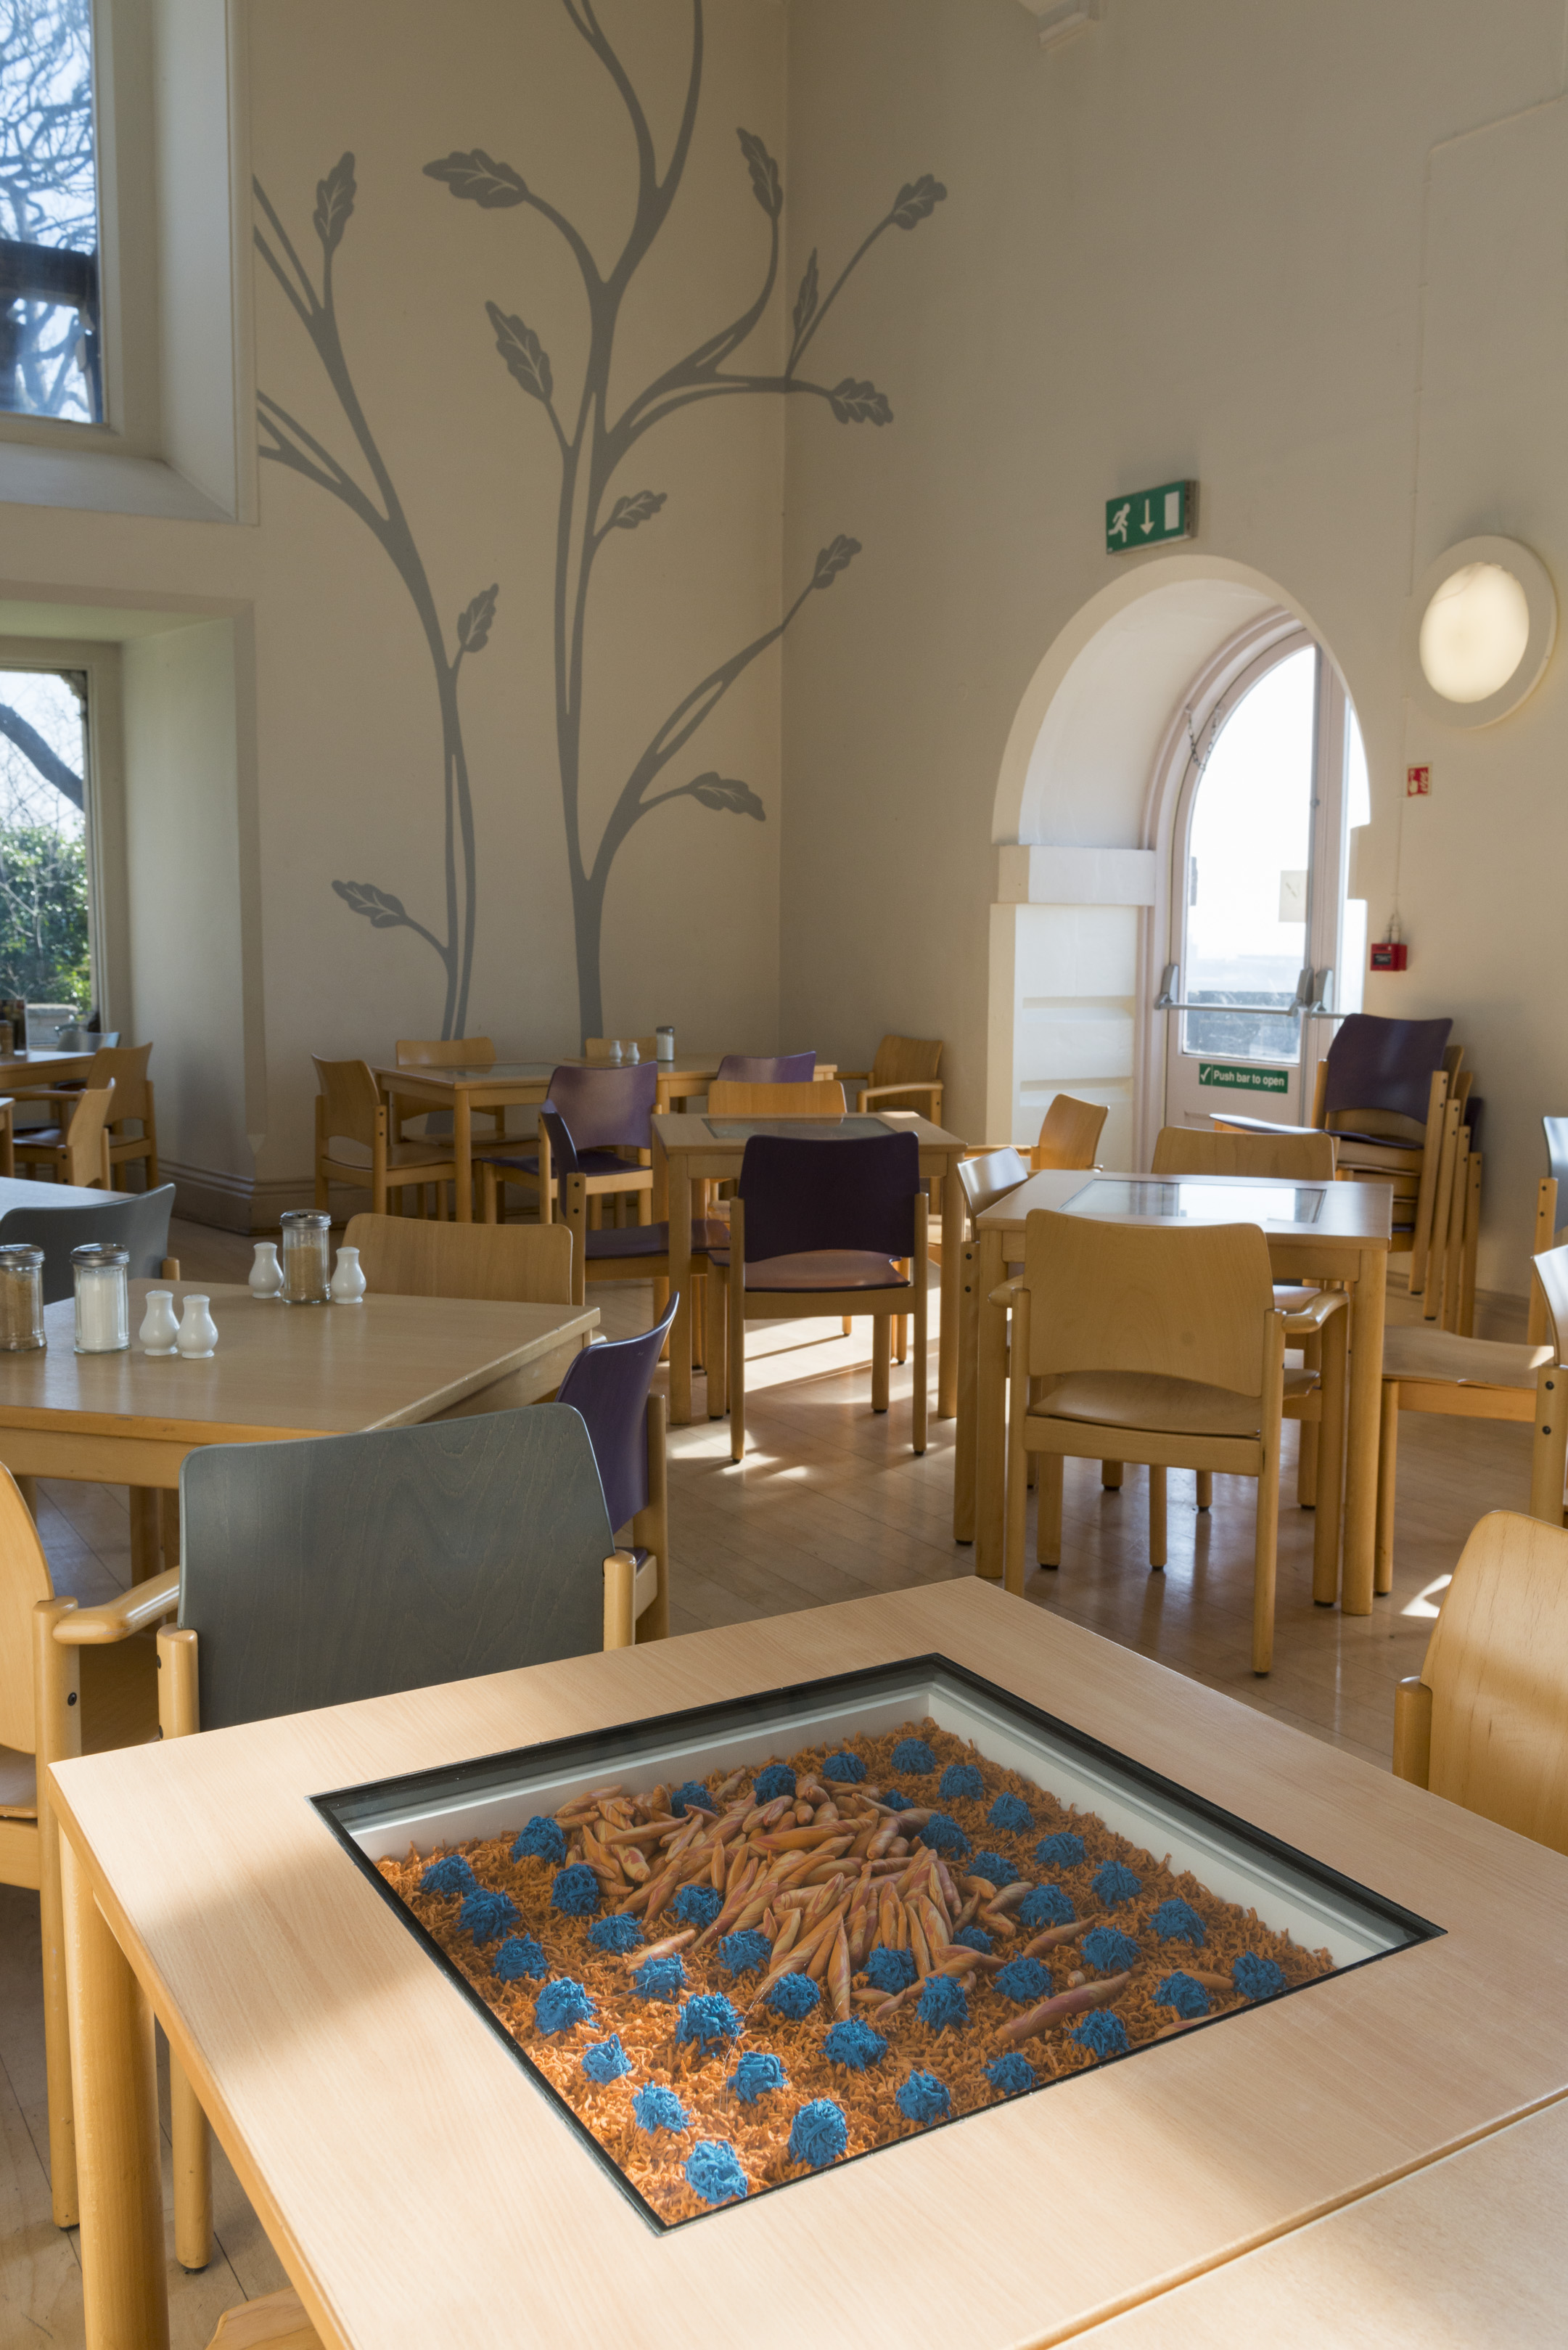 Nottingham Castle Museum & Art Gallery: The Café Table Commissions.